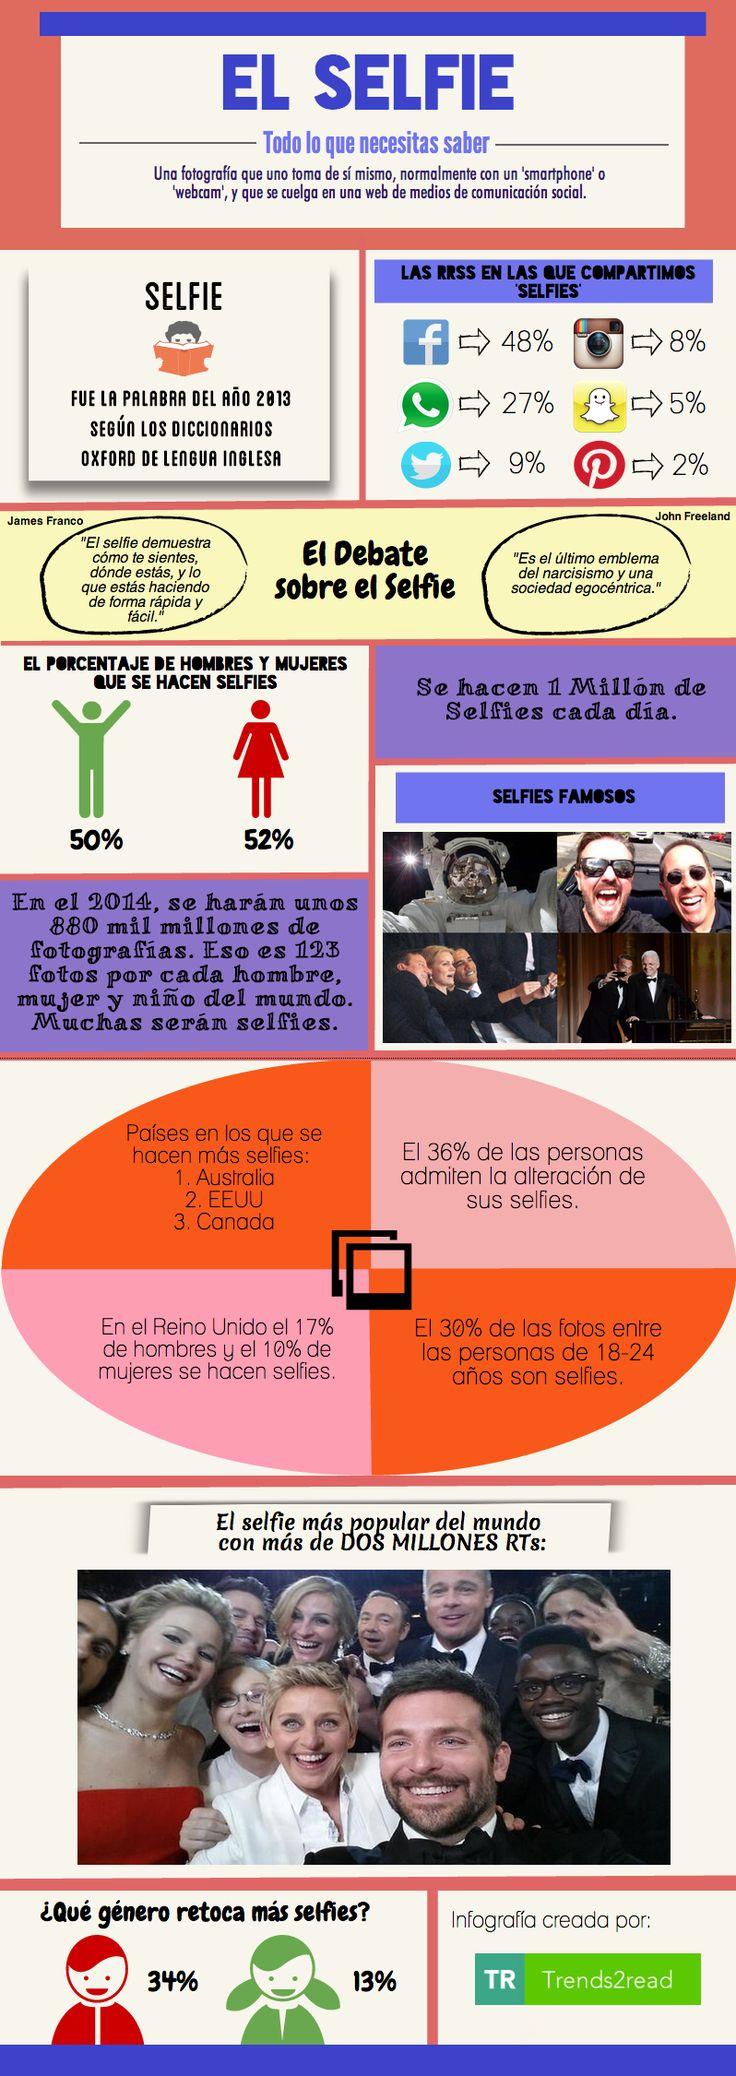 Tema 1 contexto 2. Sobre el use de las redes sociales.